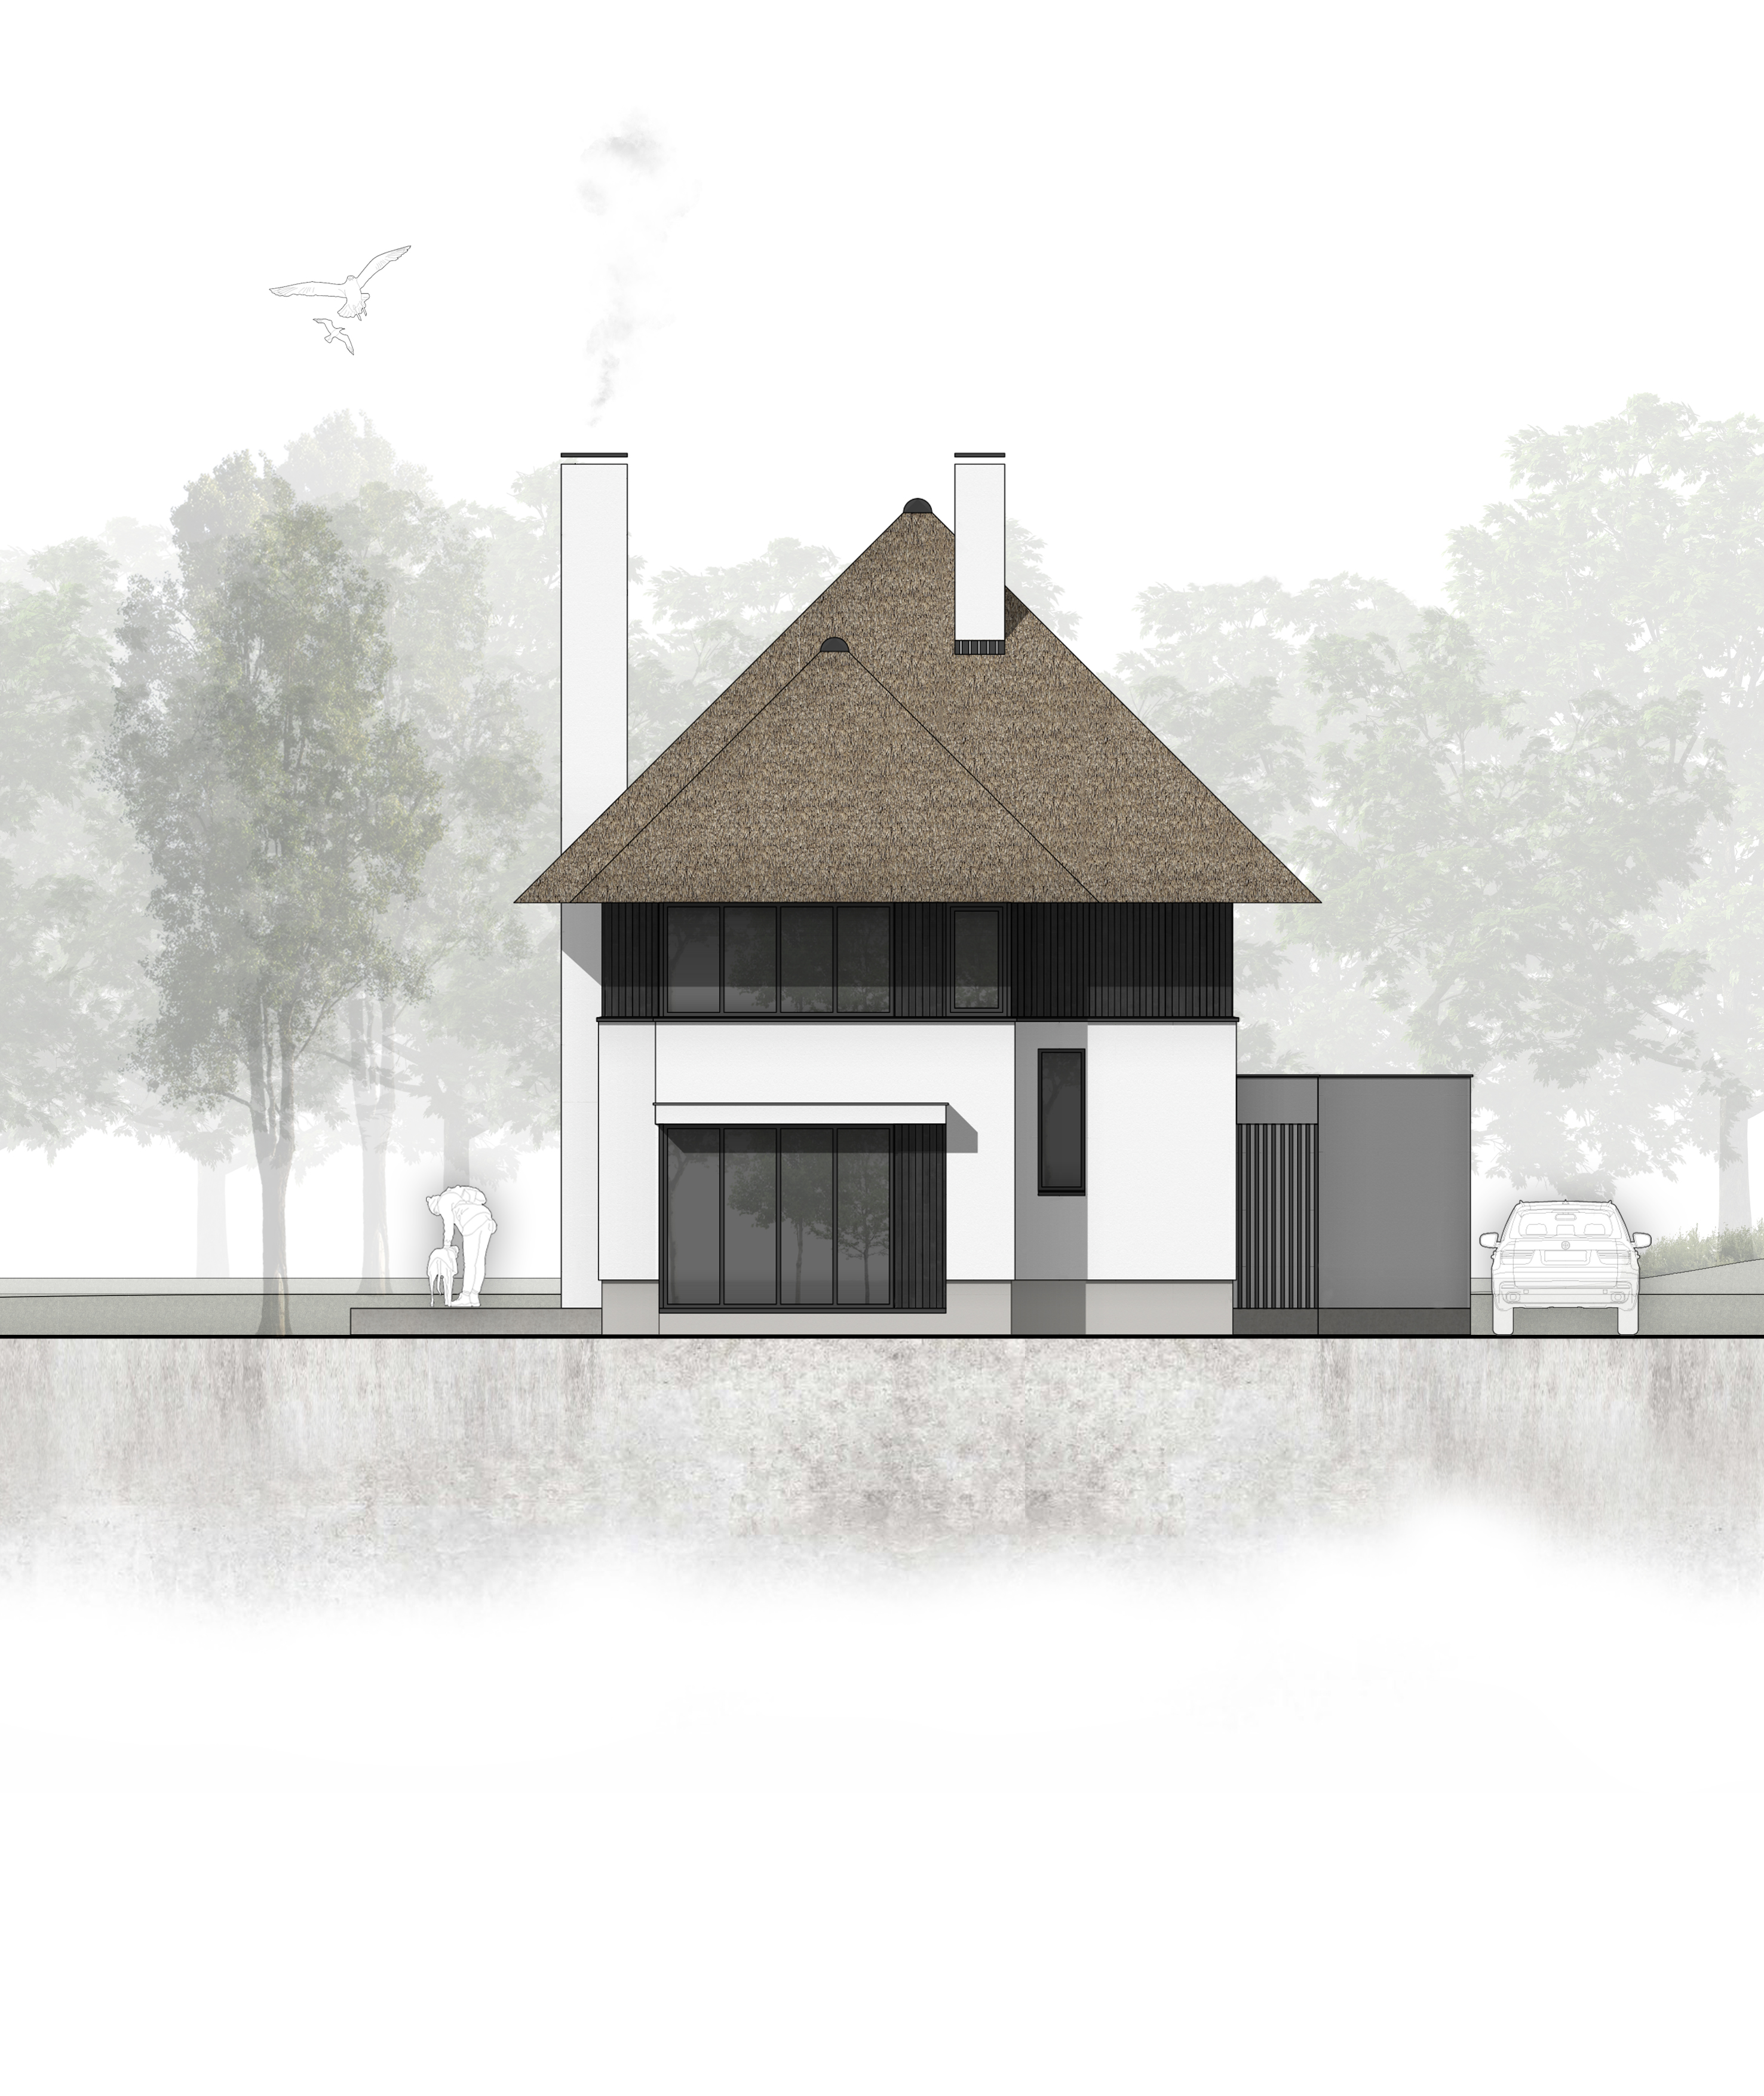 van-os-architecten-nieuwbouw-landelijke-rietgedekte-vrijstaande-villa-tegenbosch-eindhoven-voorgevel-in-wit-gevelstucwerk-en-aluminium-puien